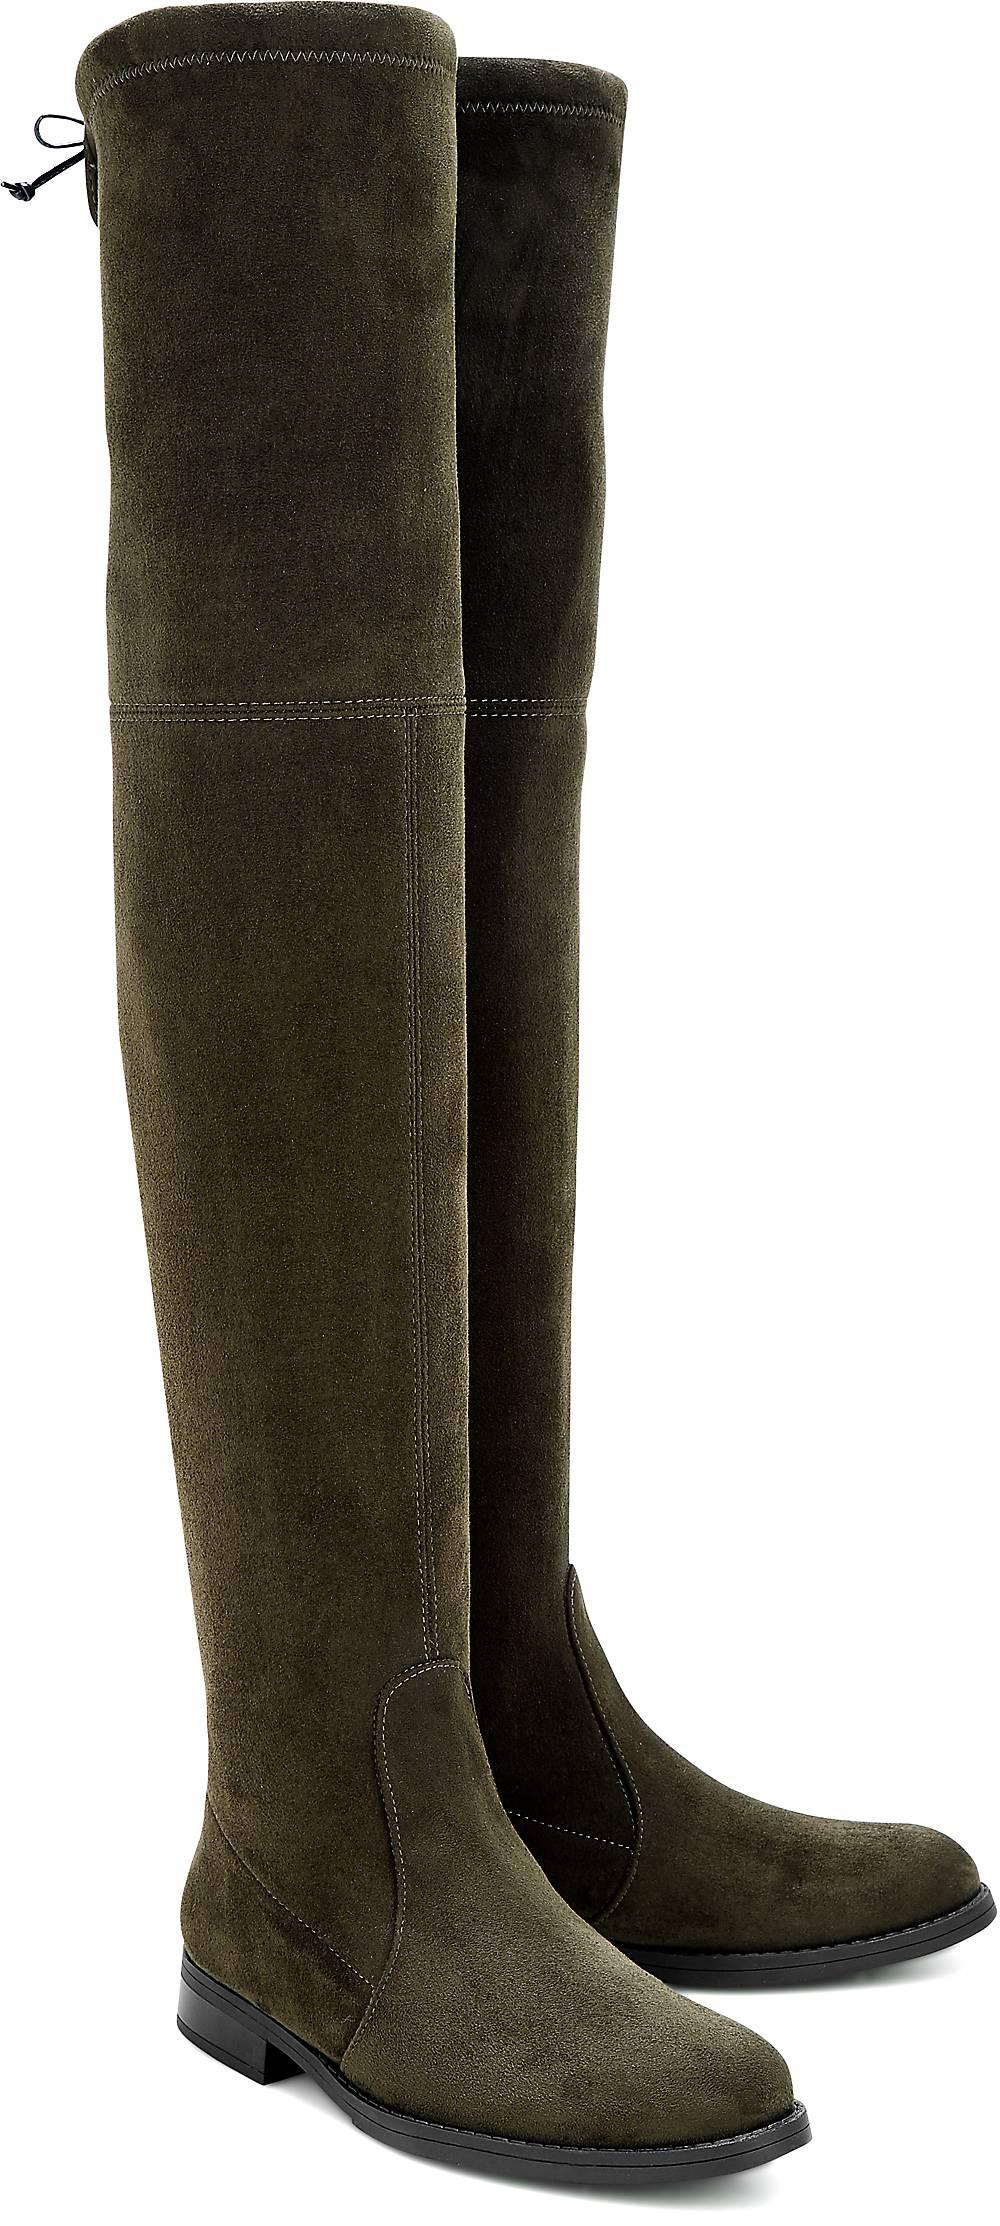 Buffalo, Overknee-Stiefel in khaki, Stiefel für Damen Gr. 36